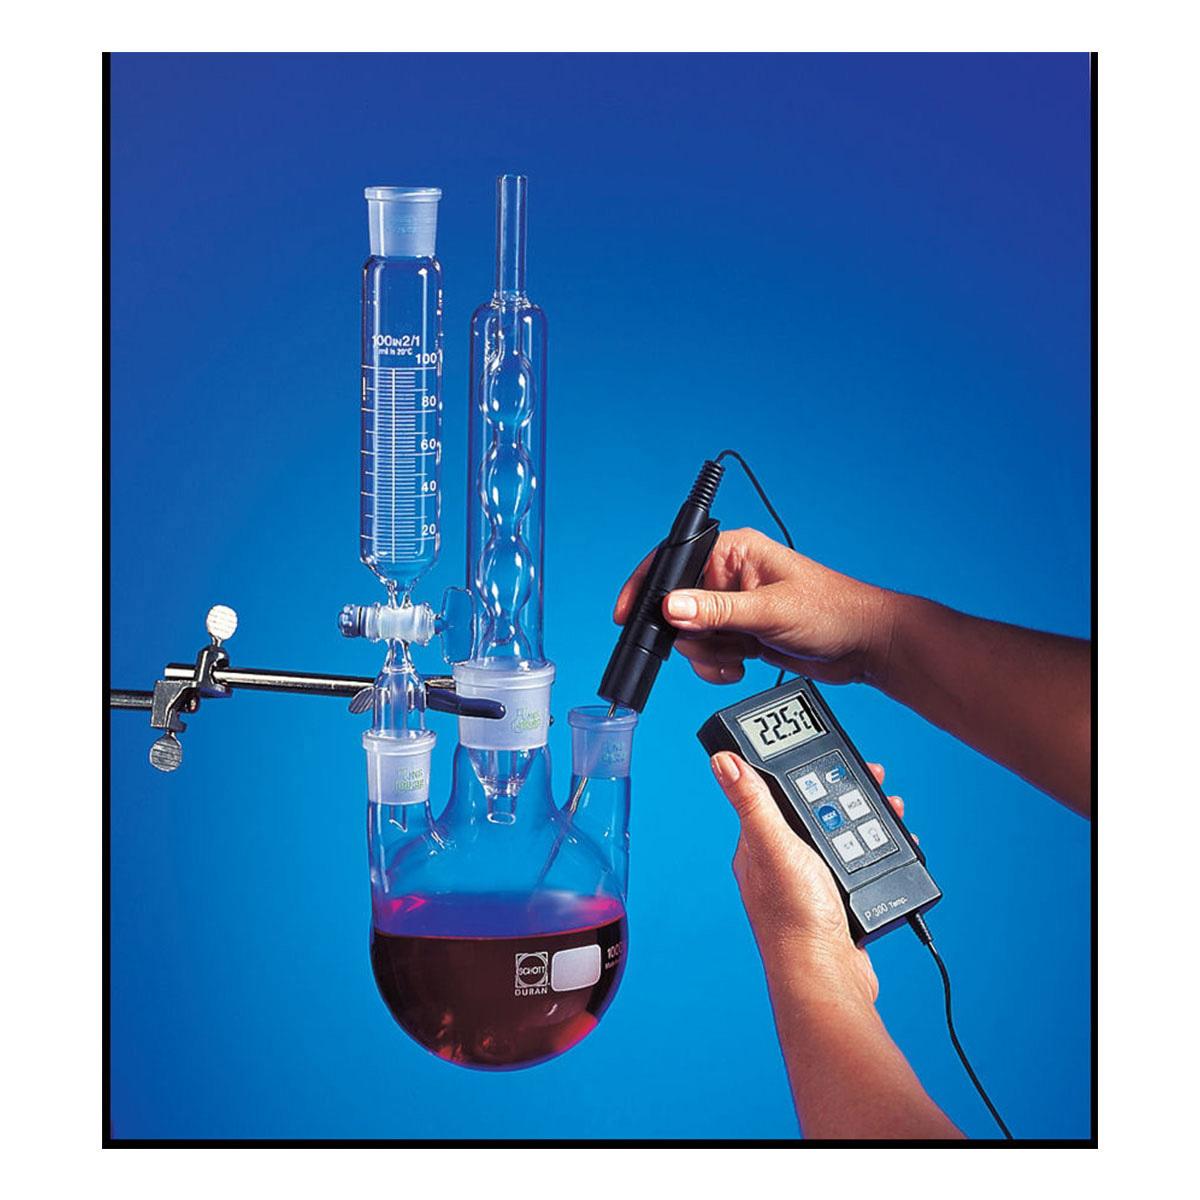 31-1020-k-profi-digitalthermometer-mit-einstichfühler-p300-anwendung-1200x1200px.jpg